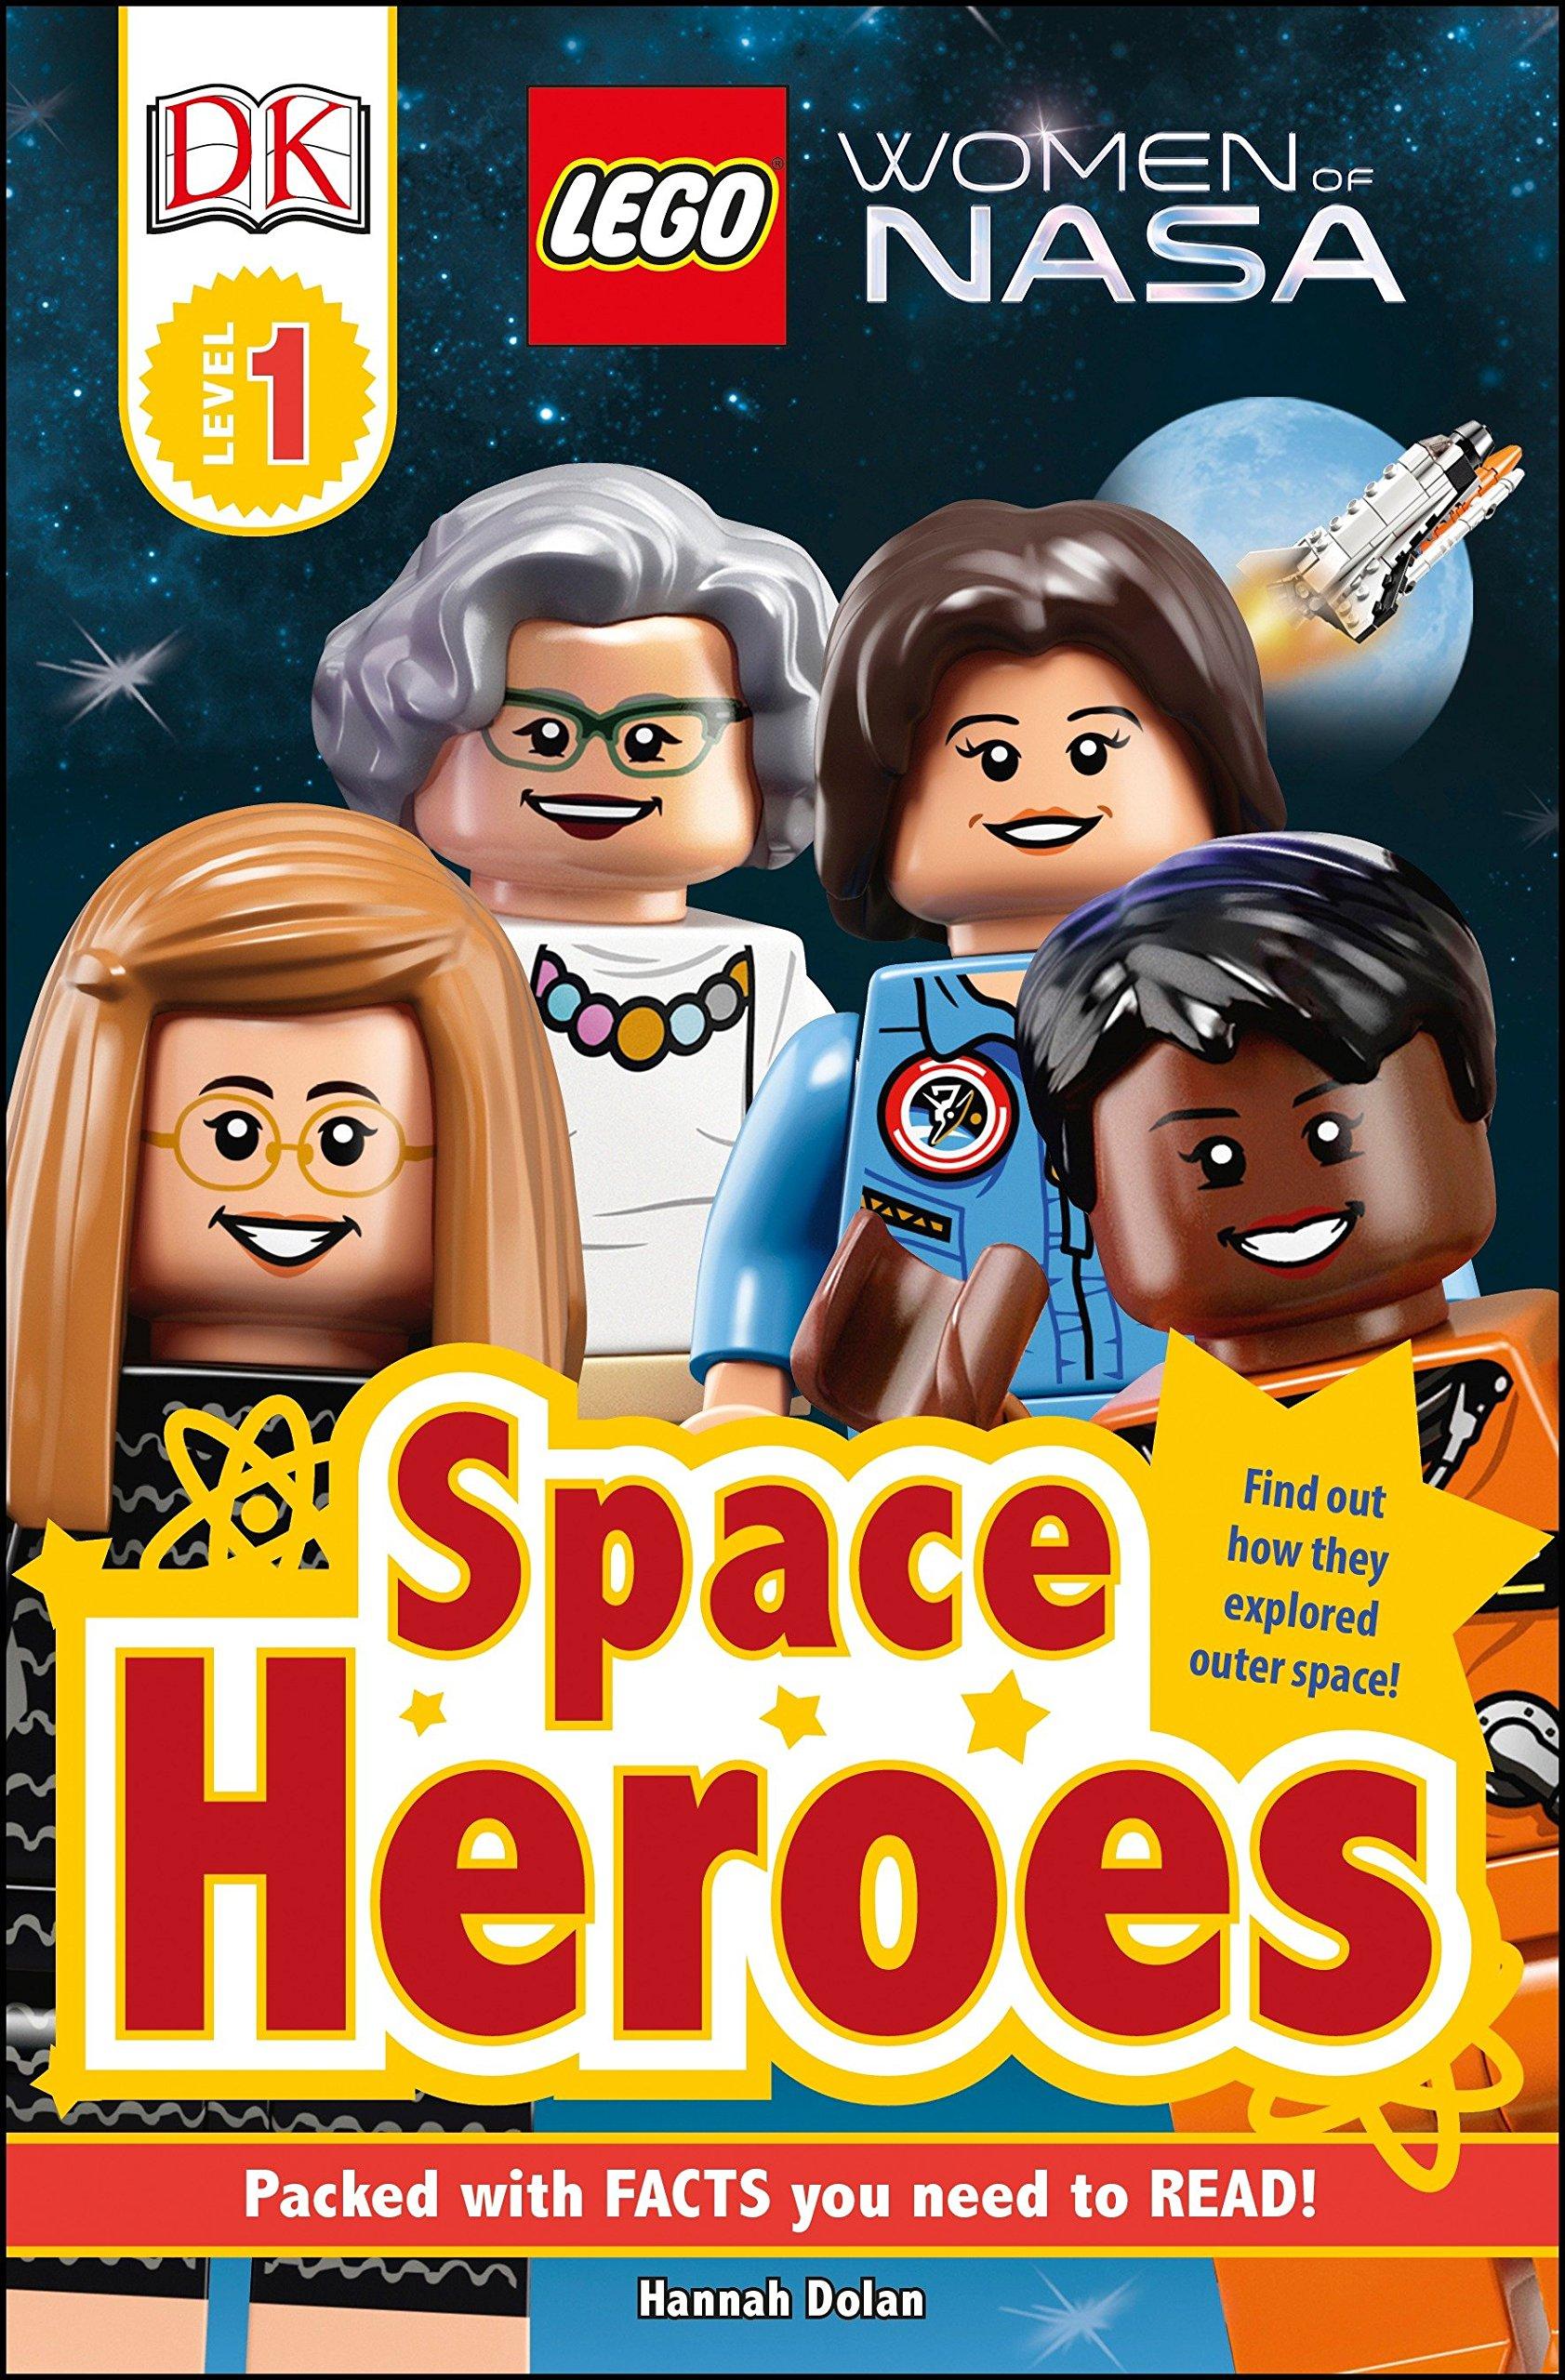 DK Readers L1: LEGO® Women of NASA: Space Heroes (DK Readers Level 1) pdf